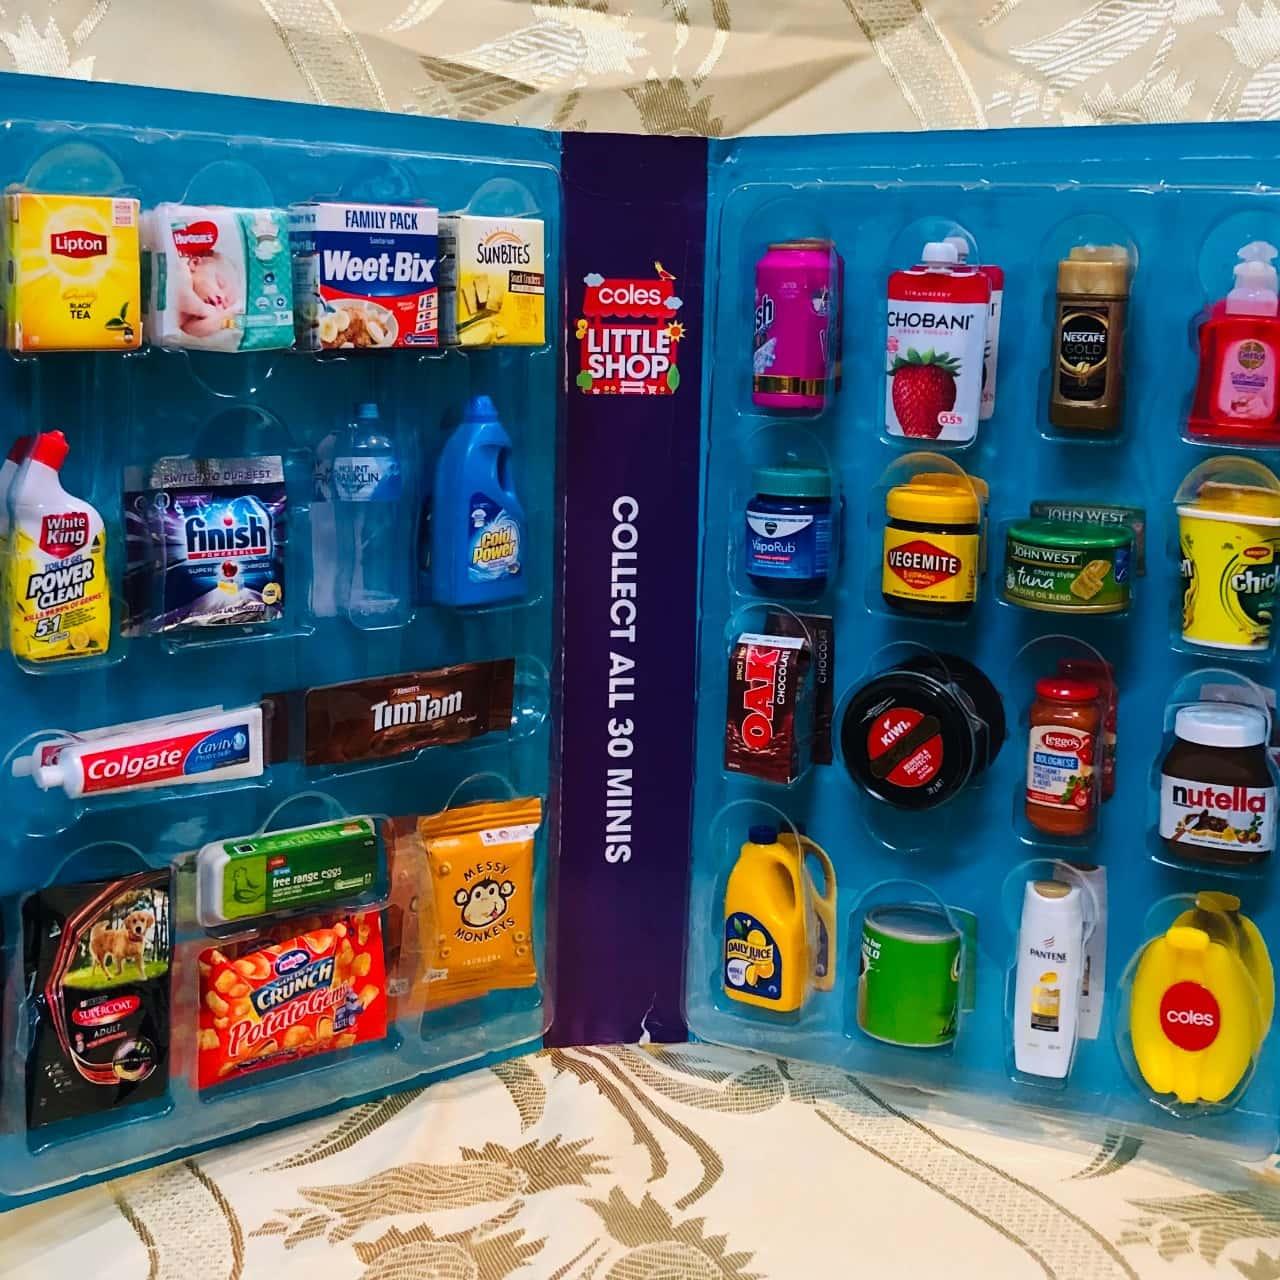 Coles Little Shop Collector's Case